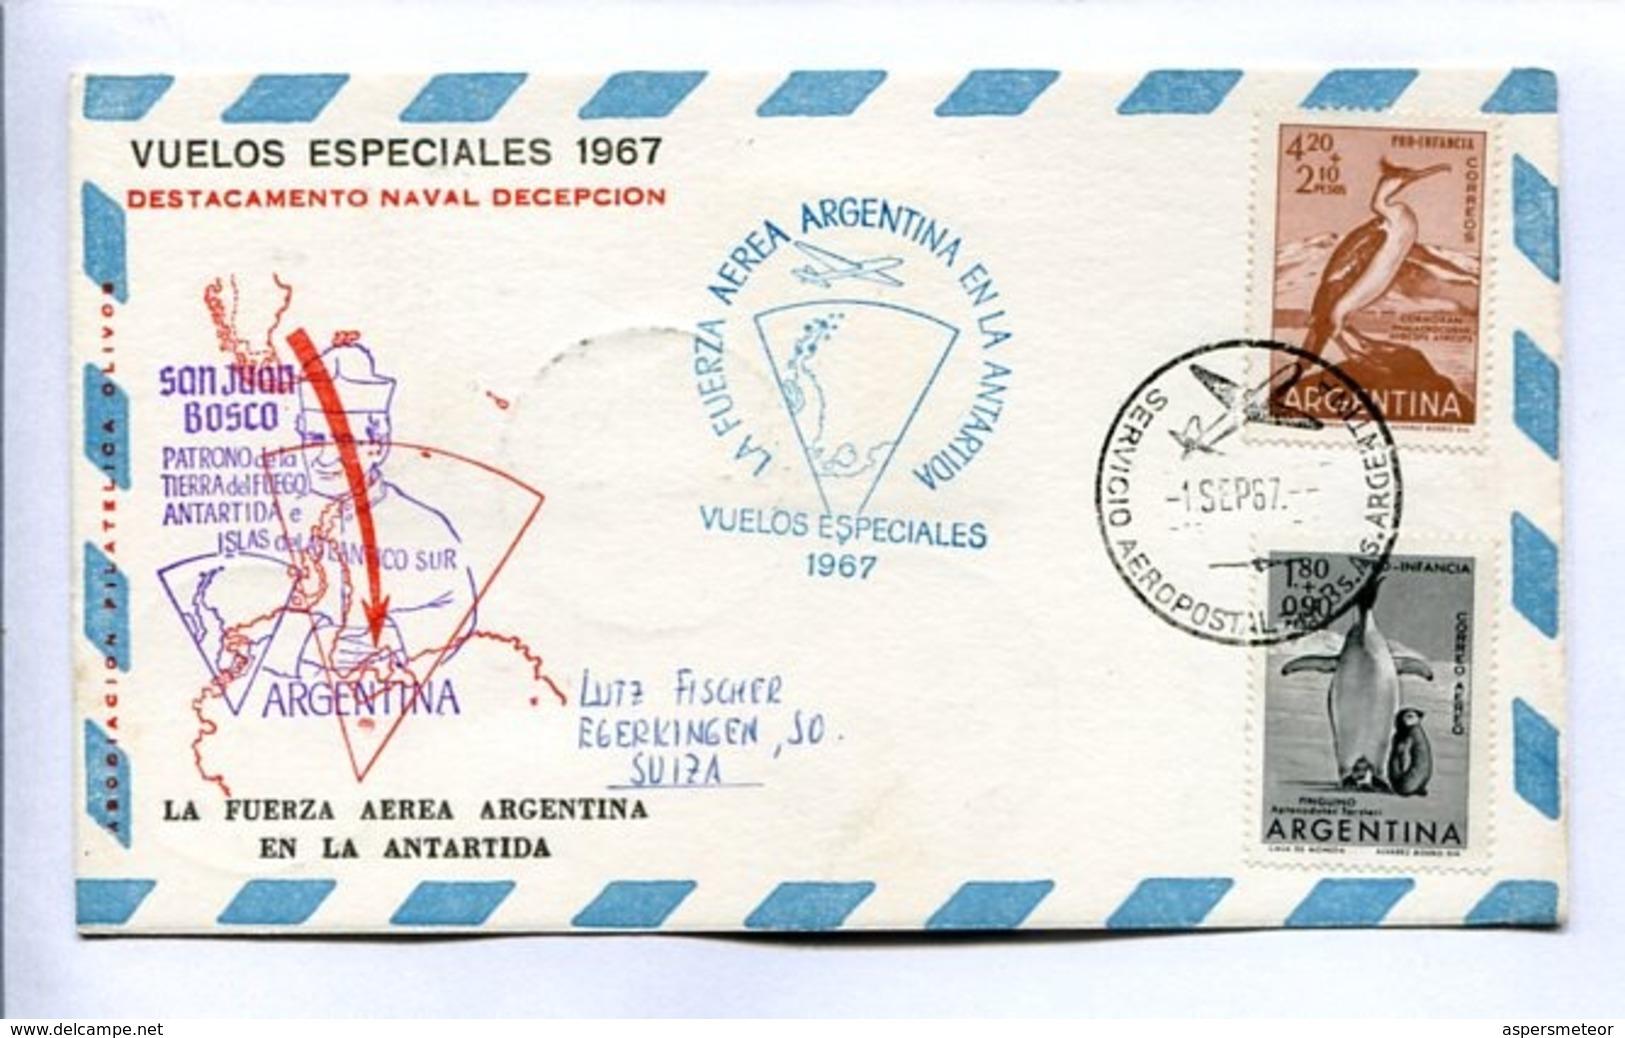 VUELOS ESPECIALES 1967 - DESTACAMENTO NAVAL DECEPCIÓN. FUERZA AEREA ARGENTINA EN LA ANTÁRTIDA. CARTE PAR AVION -LILHU - Polare Flüge